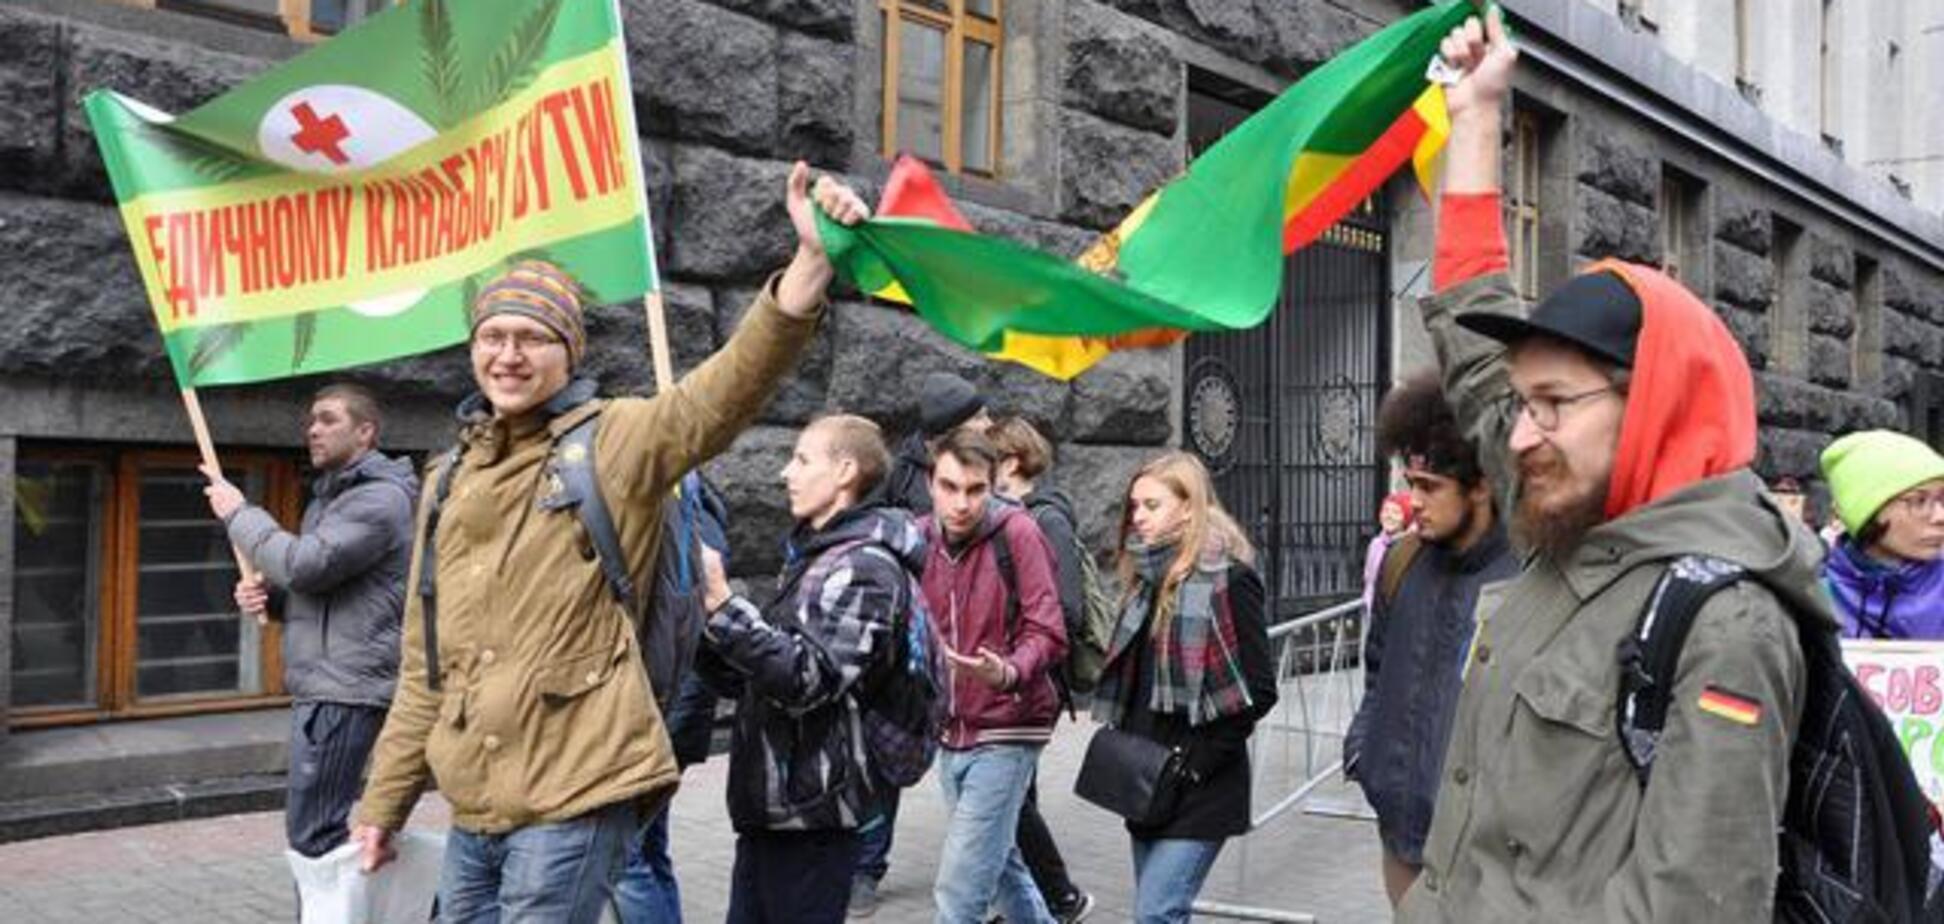 'Трава може рятувати': у Києві пройшов 'Конопляний марш'. Опубліковані фото і відео